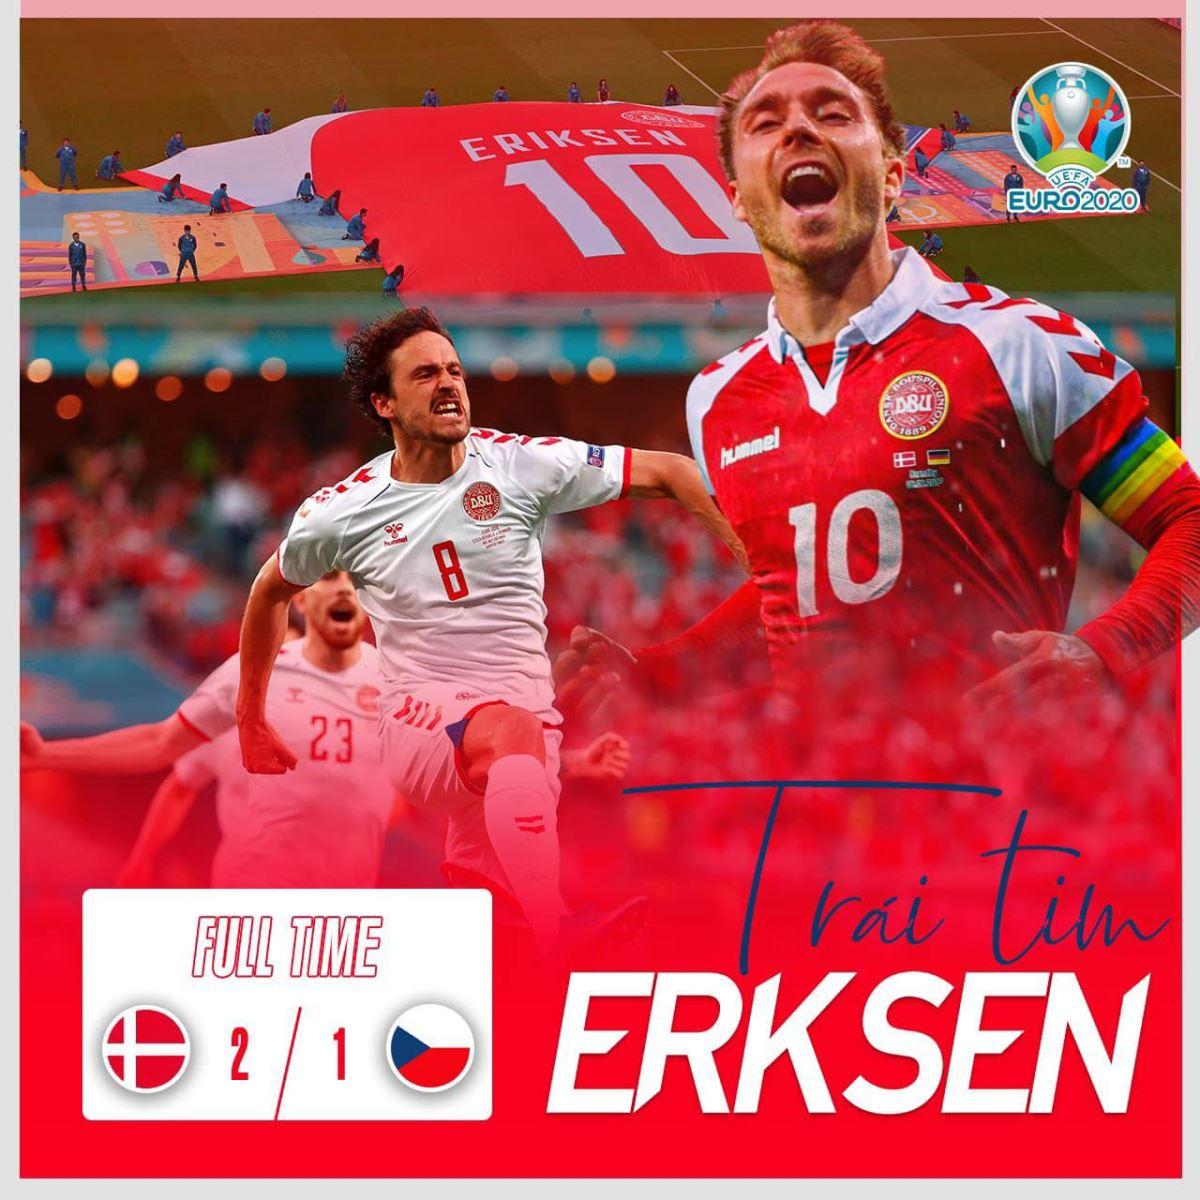 Séc 1-2 Đan Mạch, Ket qua bong da, Bàn thắng và highlights, Kết quả bóng đá EURO 2021, Kết quả Séc đấu với Đan Mạch, Kết quả Séc vs Đan Mạch, VTV6, VTV3 trực tiếp